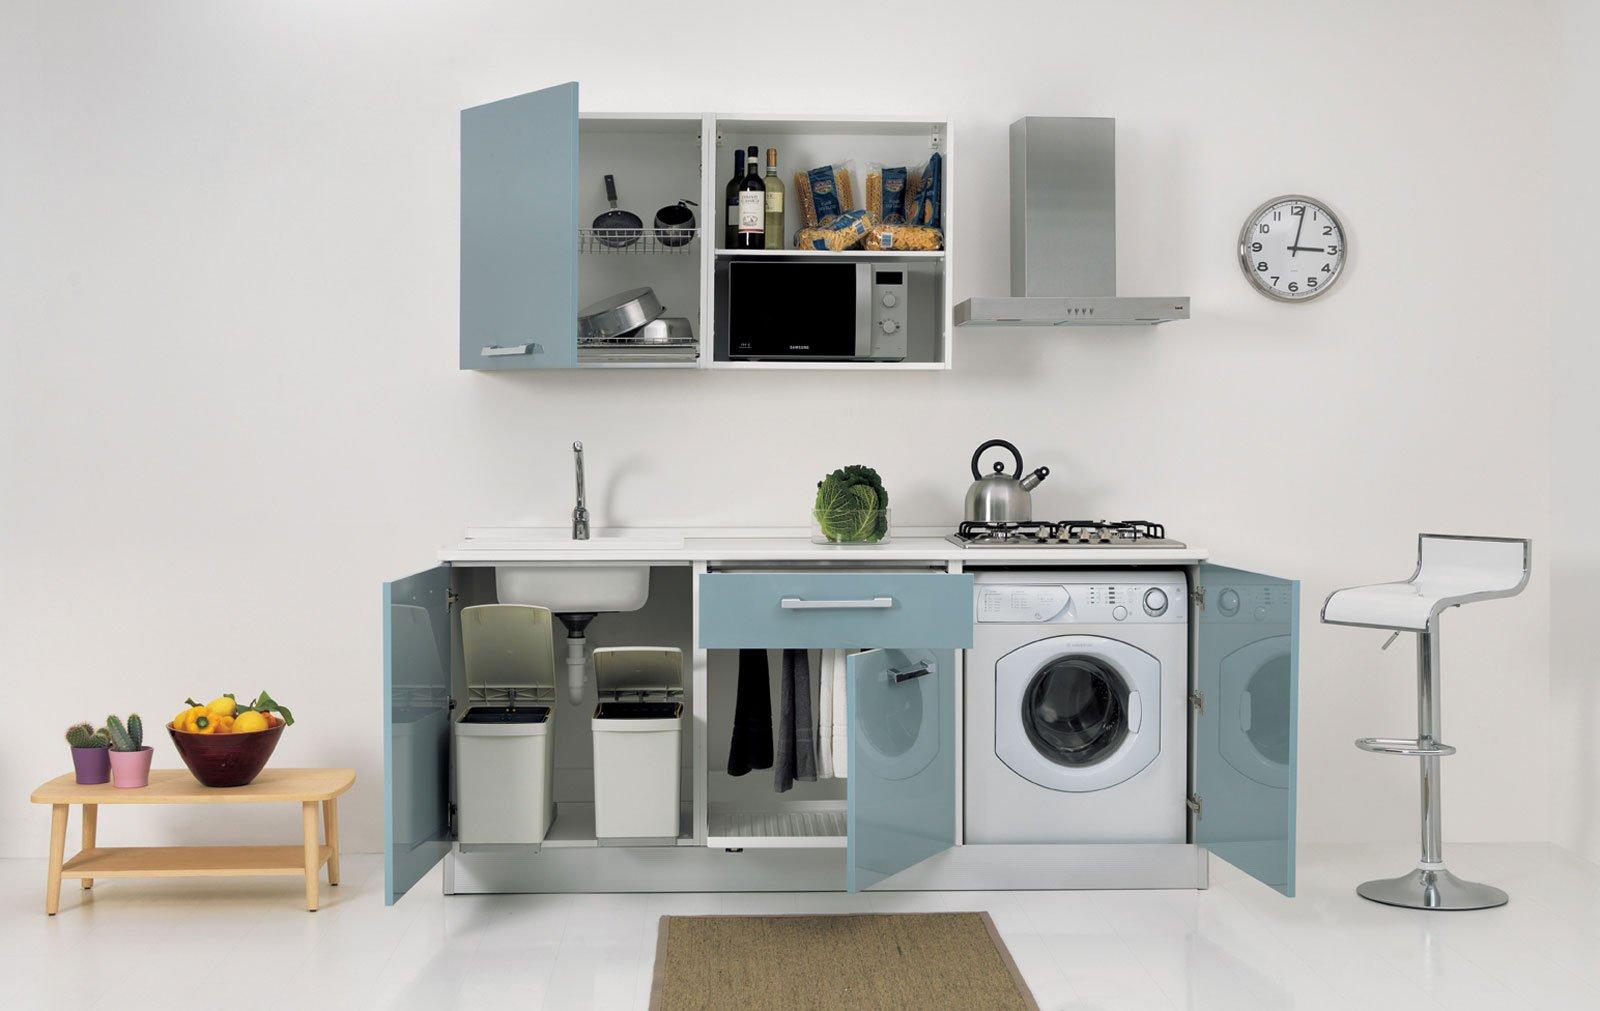 Cucine piccole composizioni compatte anche per il - Cucine moderne piccole ad angolo ...